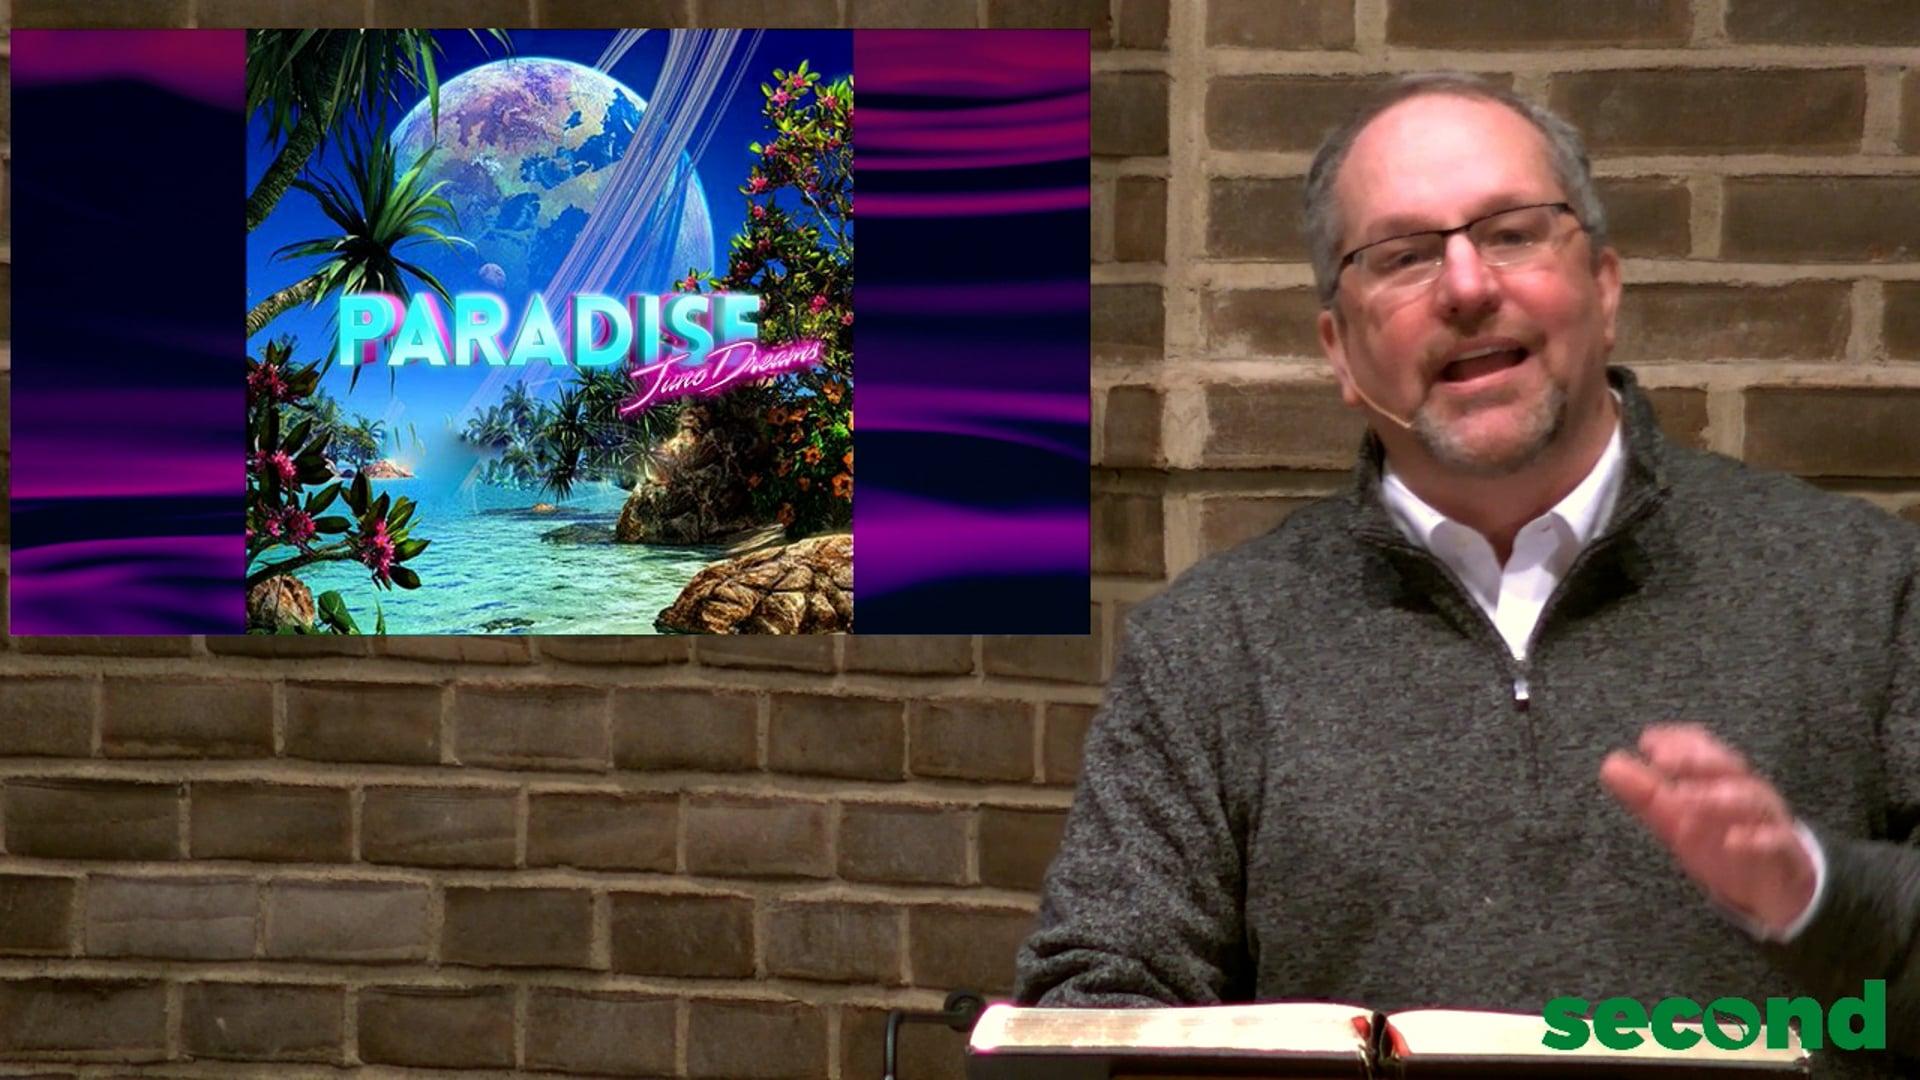 2-28-21: Famous Last Words- Paradise